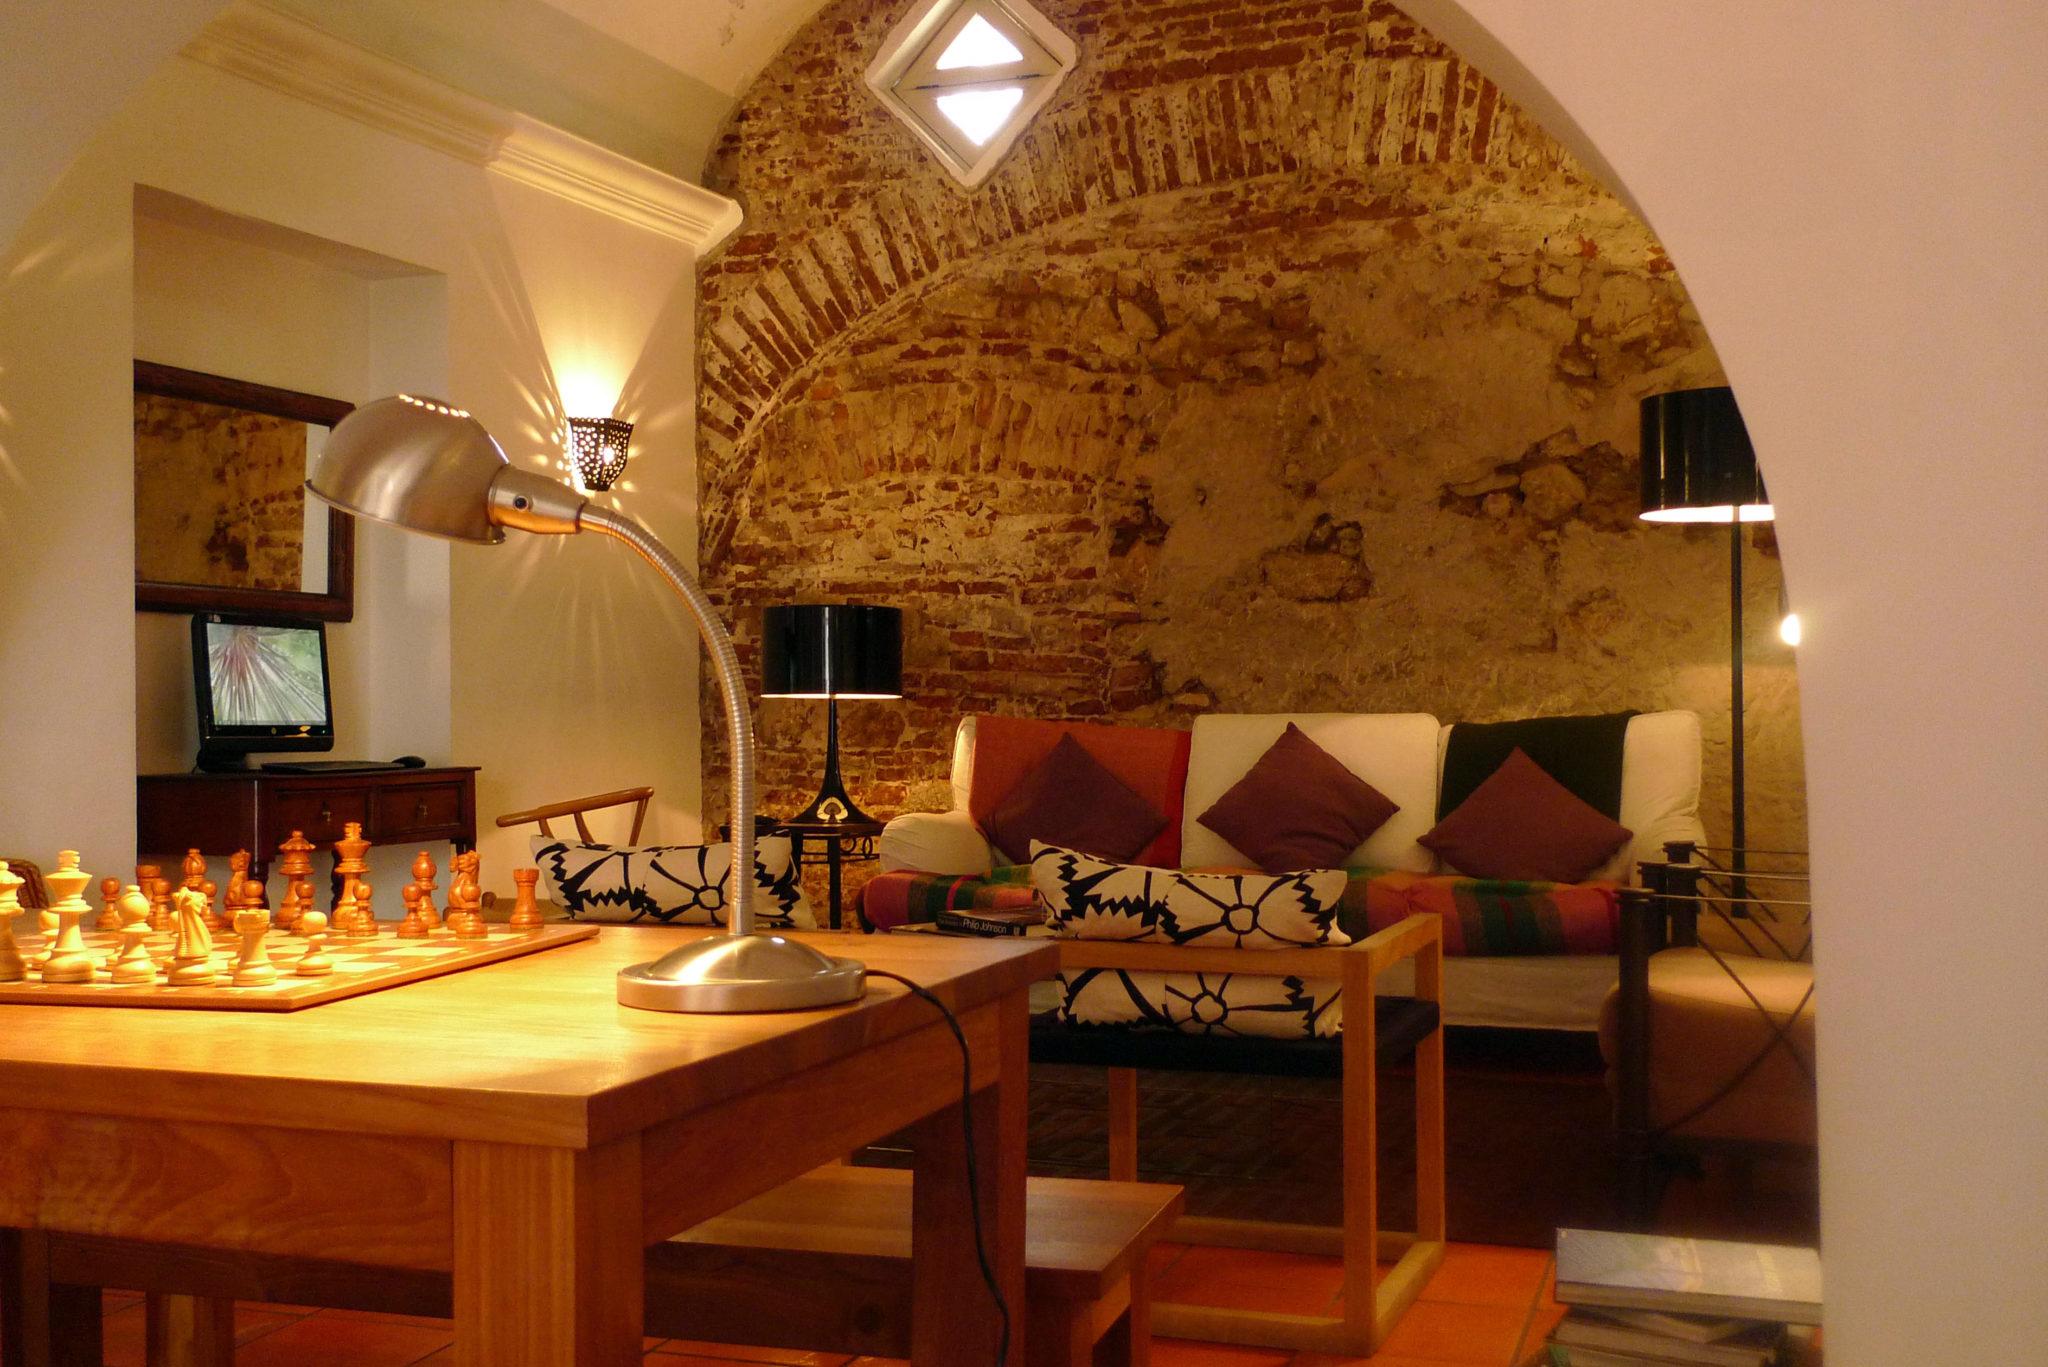 O Melhor Hotel 4 estrelas em Portugal